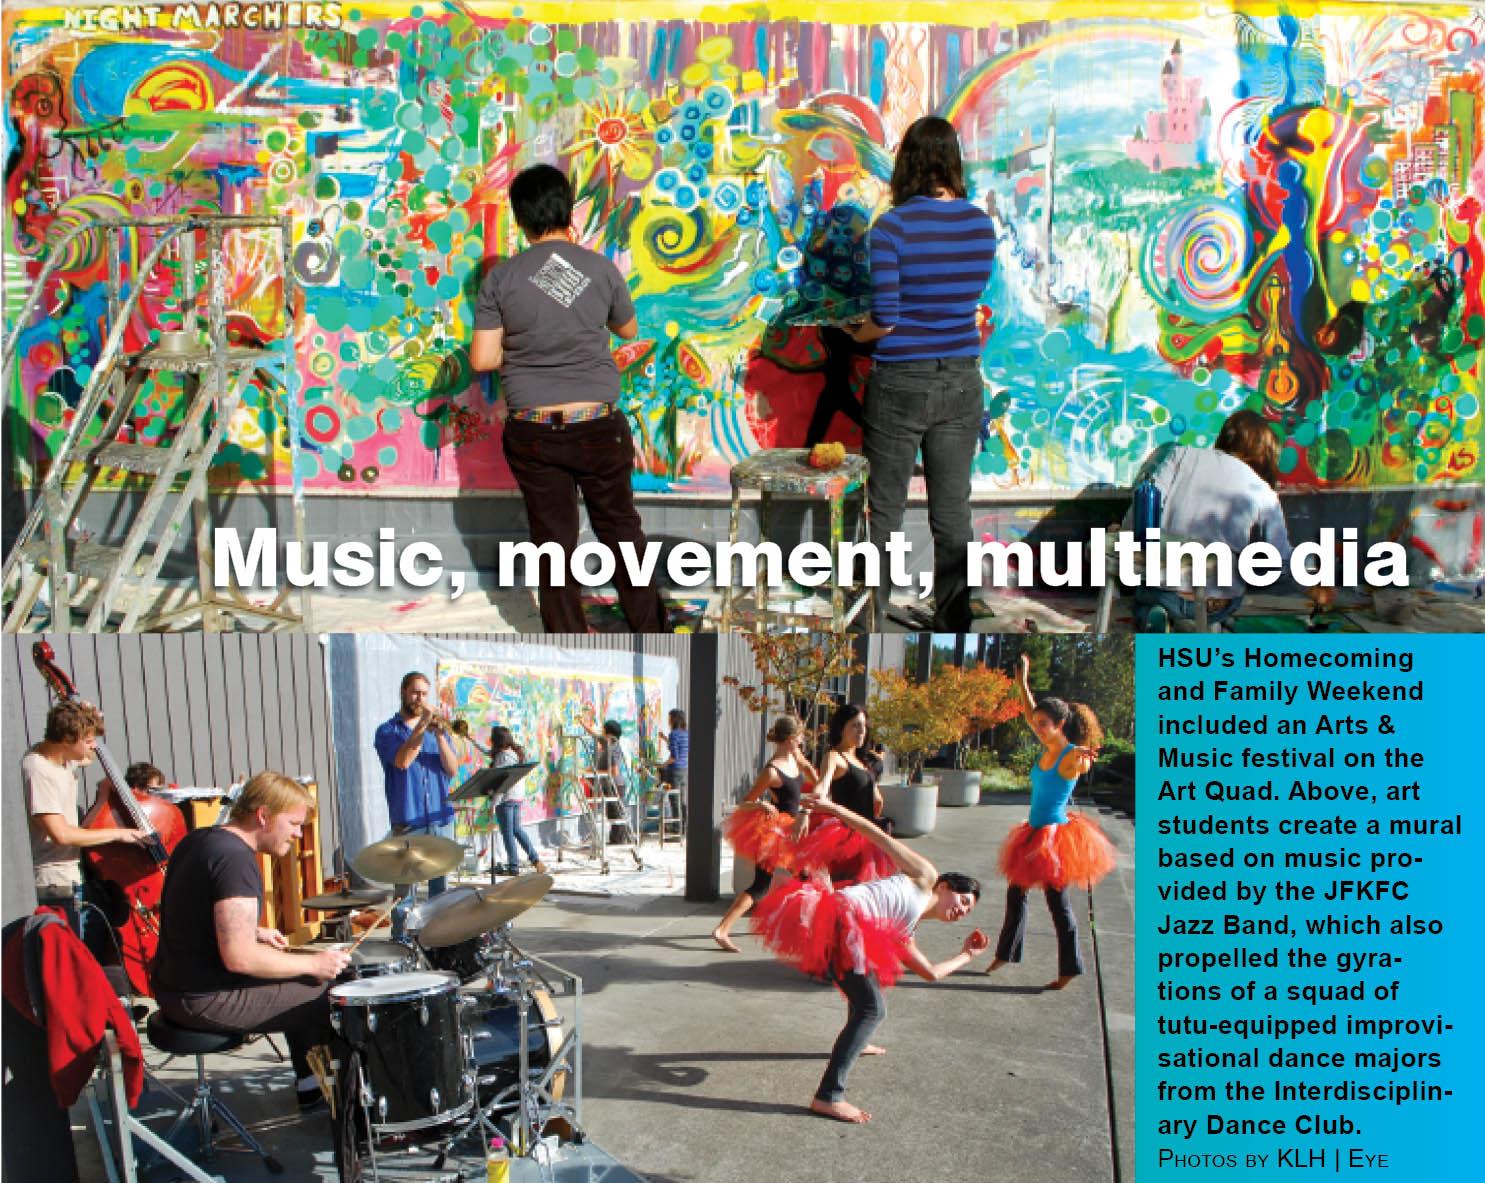 hsu-arts-music